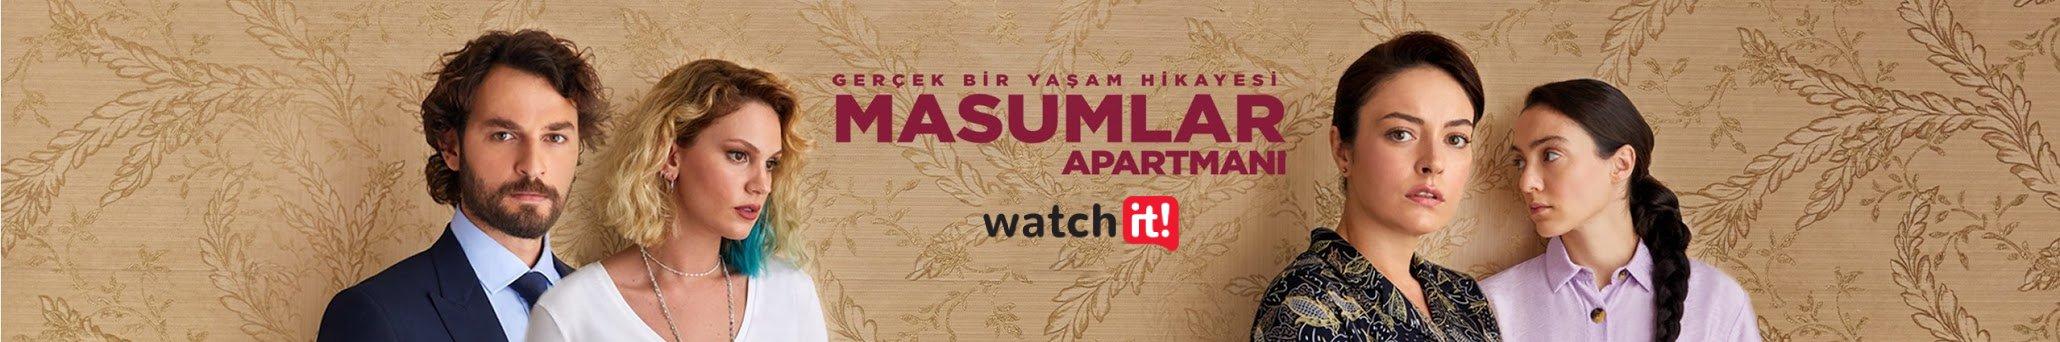 Masumlar Apartmani Season 1 English subtitles | Apartment of Innocents